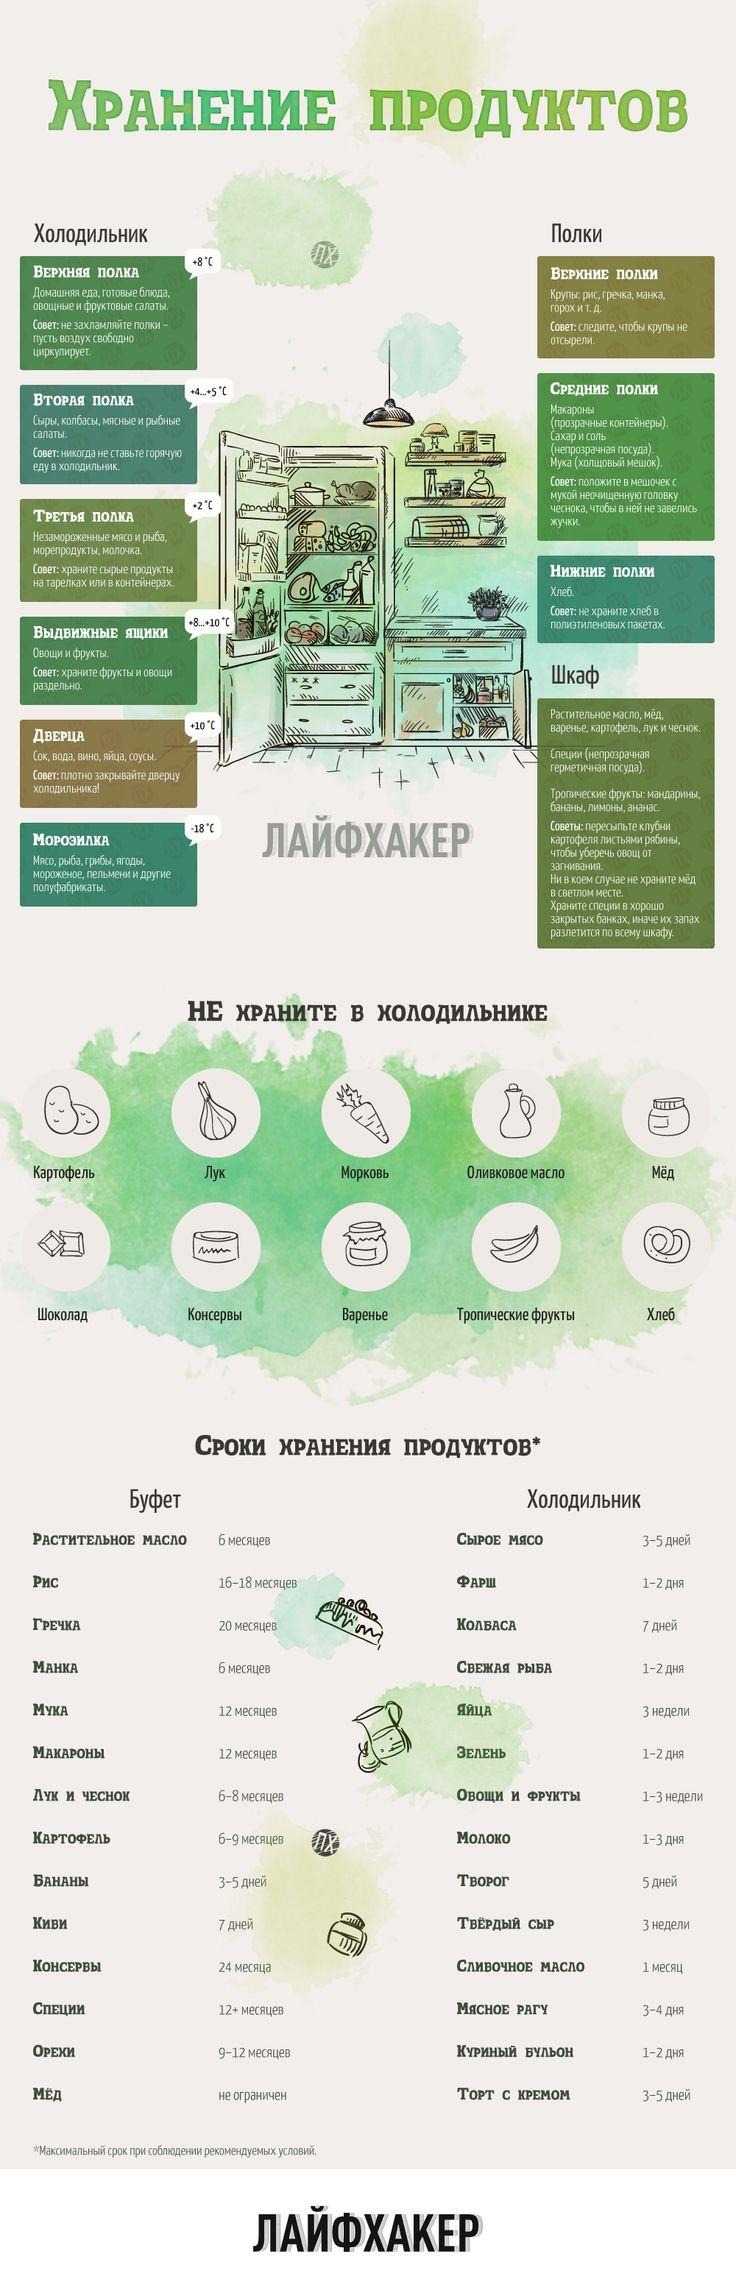 #хранение #холодильник #продукты #шкаф #лайфхак #lifehack #инфографика #infographics